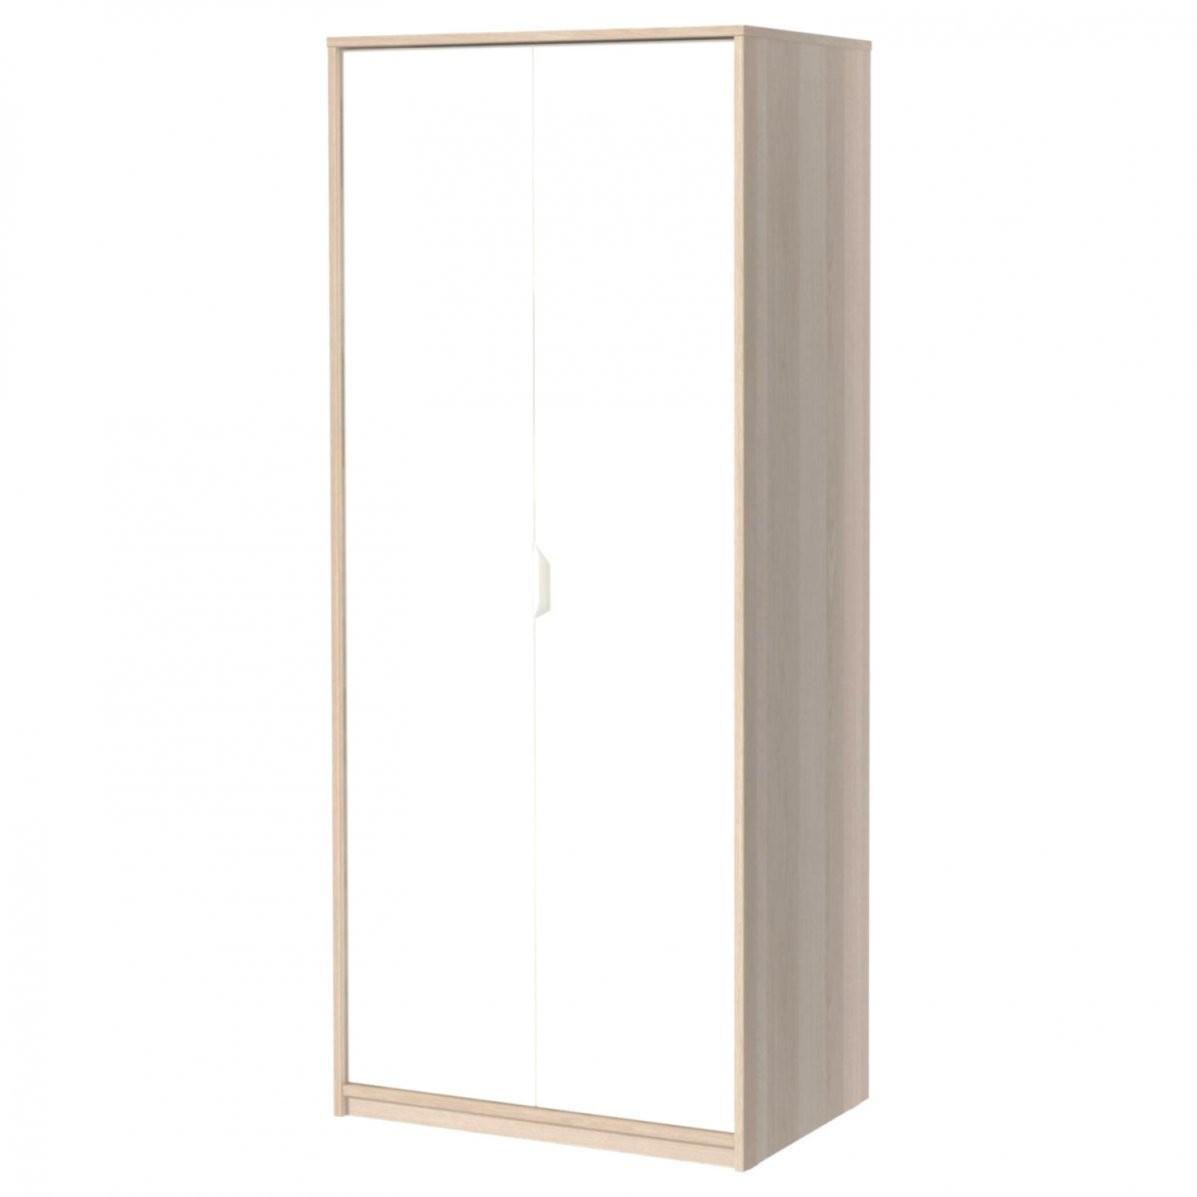 Ikea Schrank 60 X 60 Kleiderschrank 60 Cm Breit – Accminternacional von Schrank 60 Cm Breit Ikea Photo